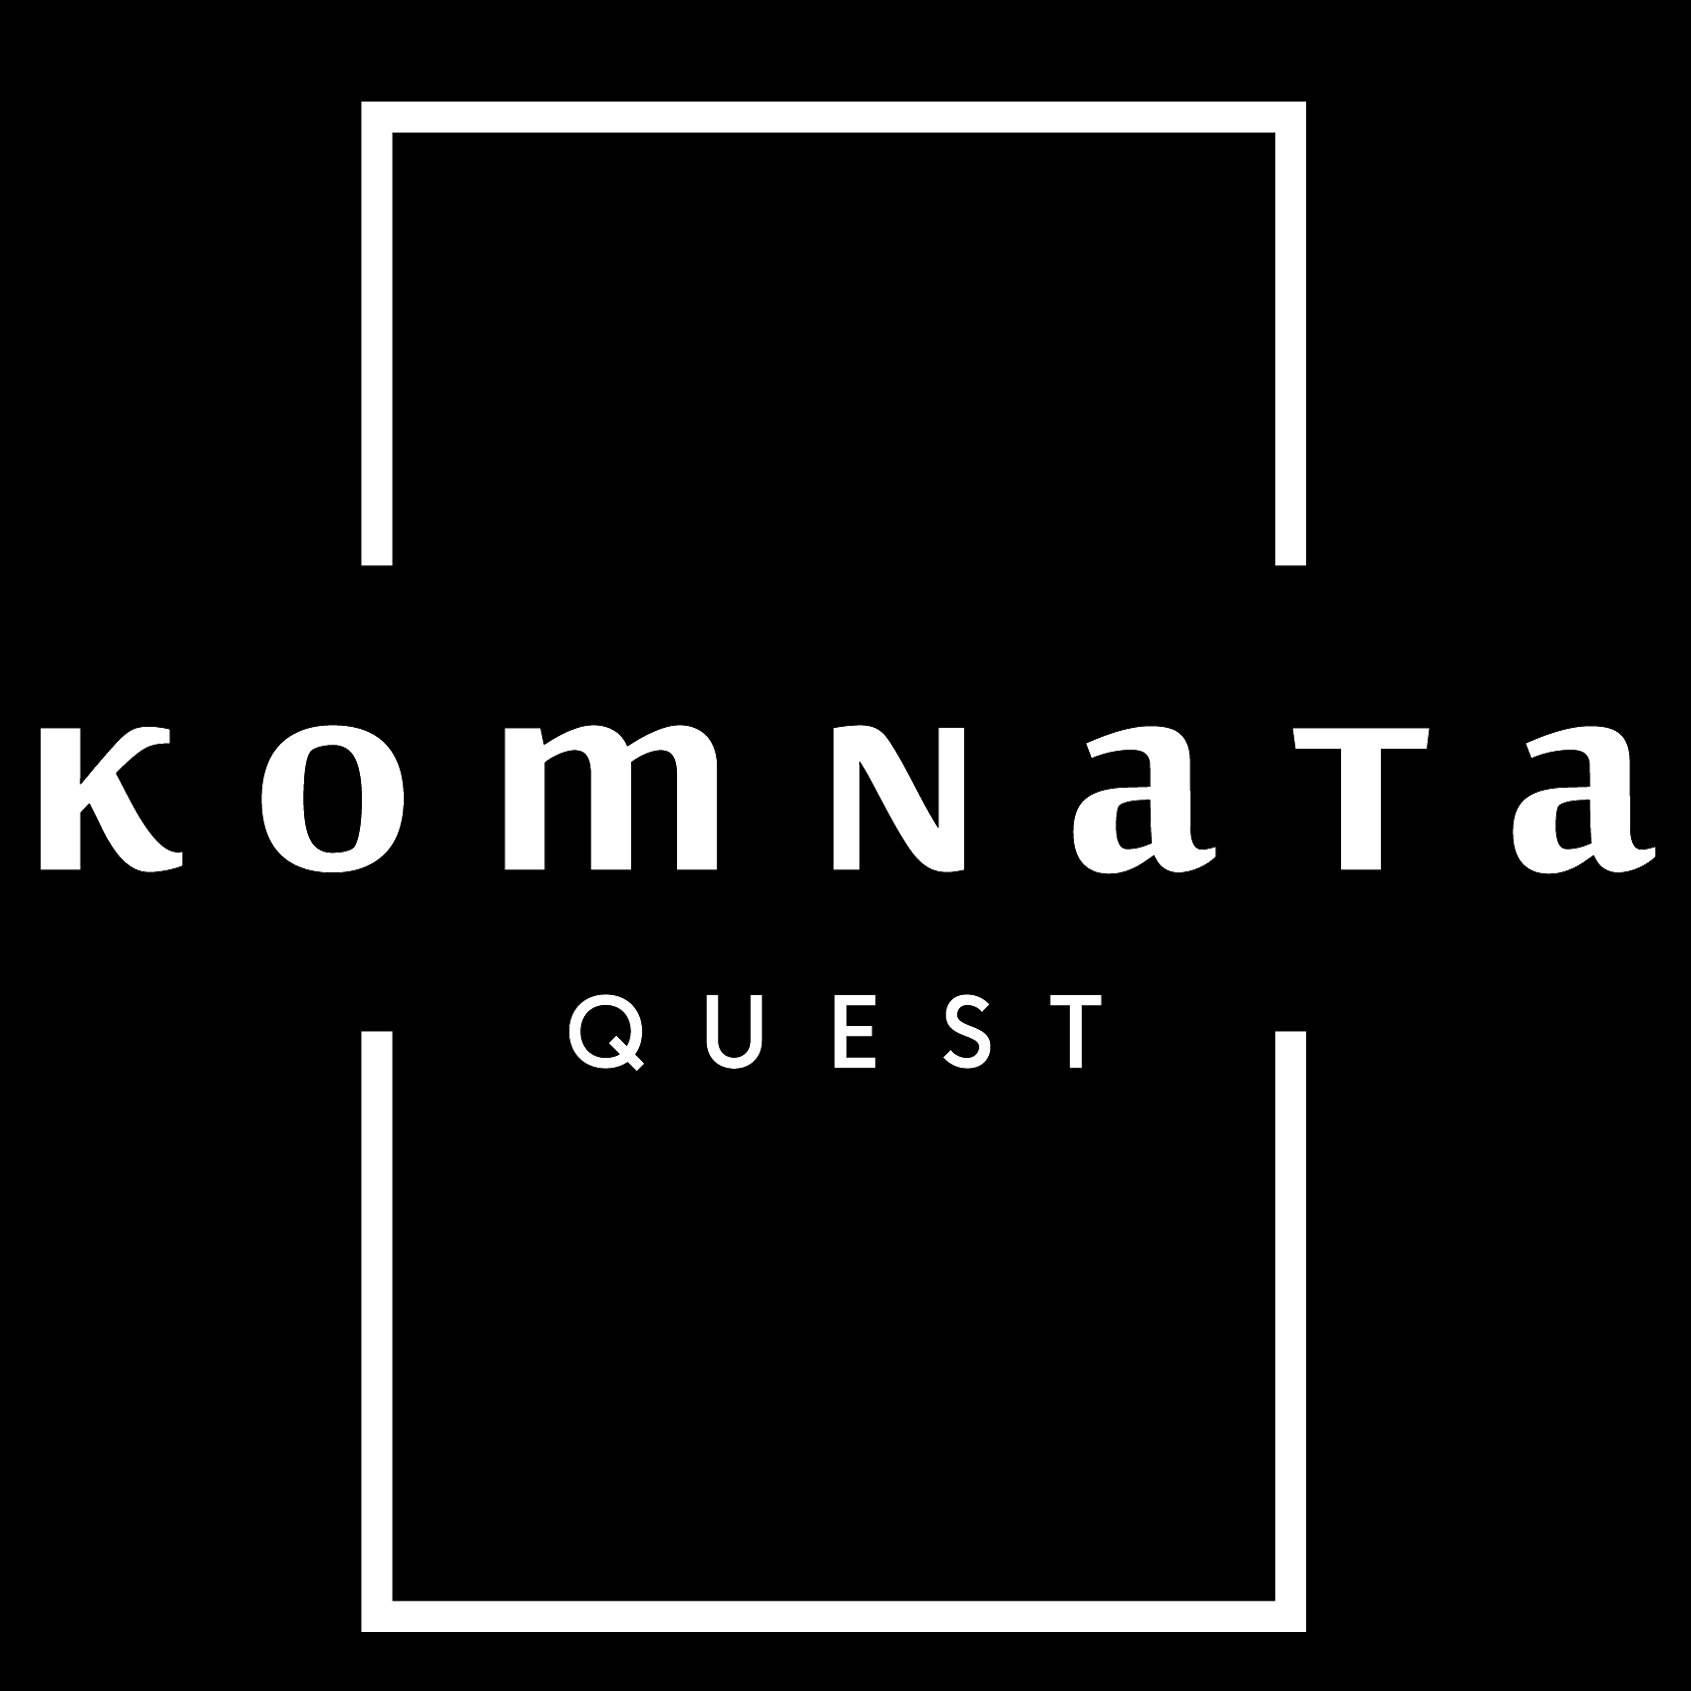 Komnata Quest